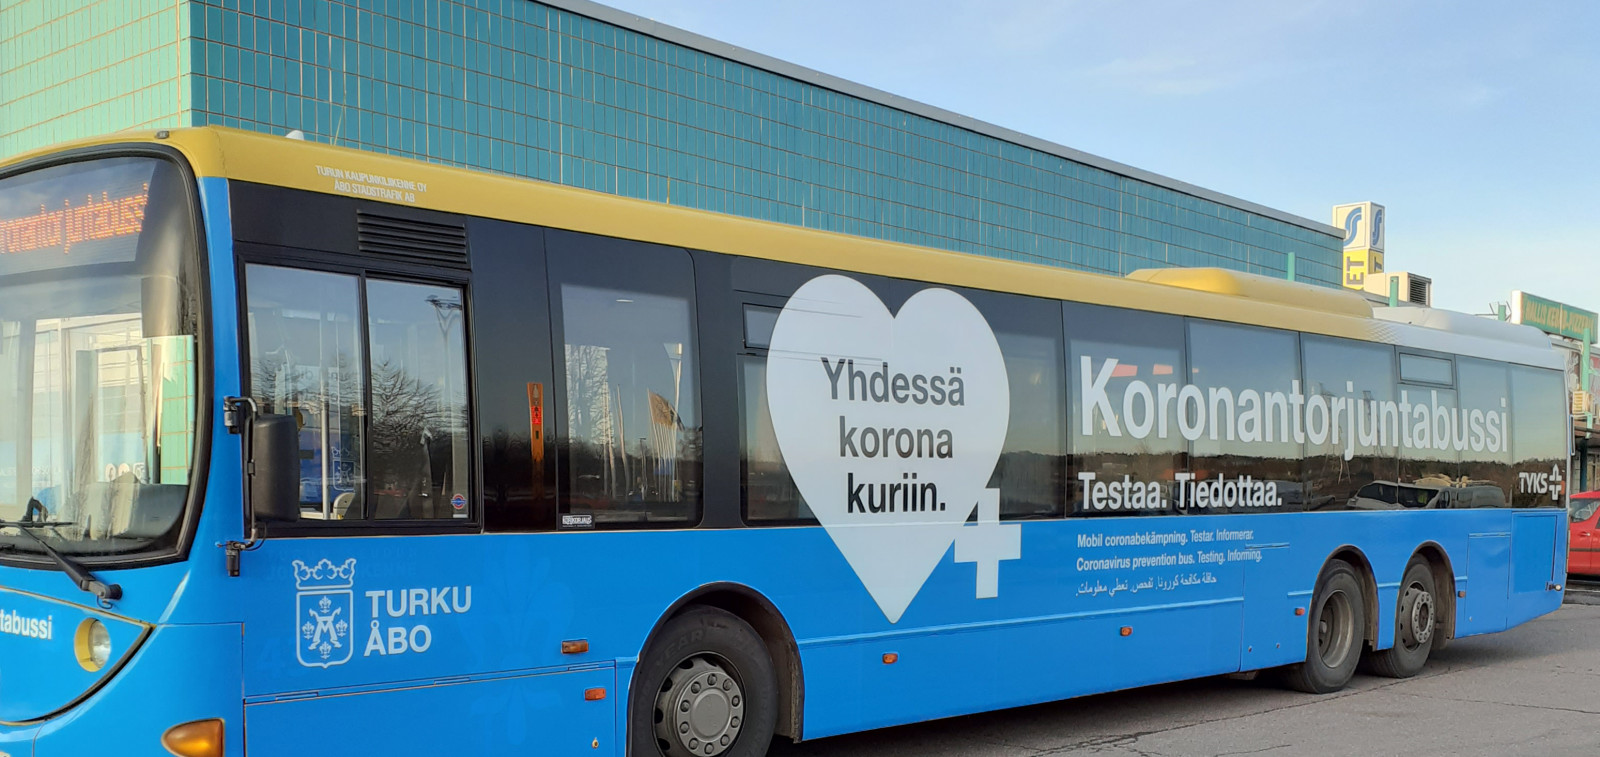 Sininen Turun logoilla varustettu linja-auto on pysäköity rakennuksen edustalle.